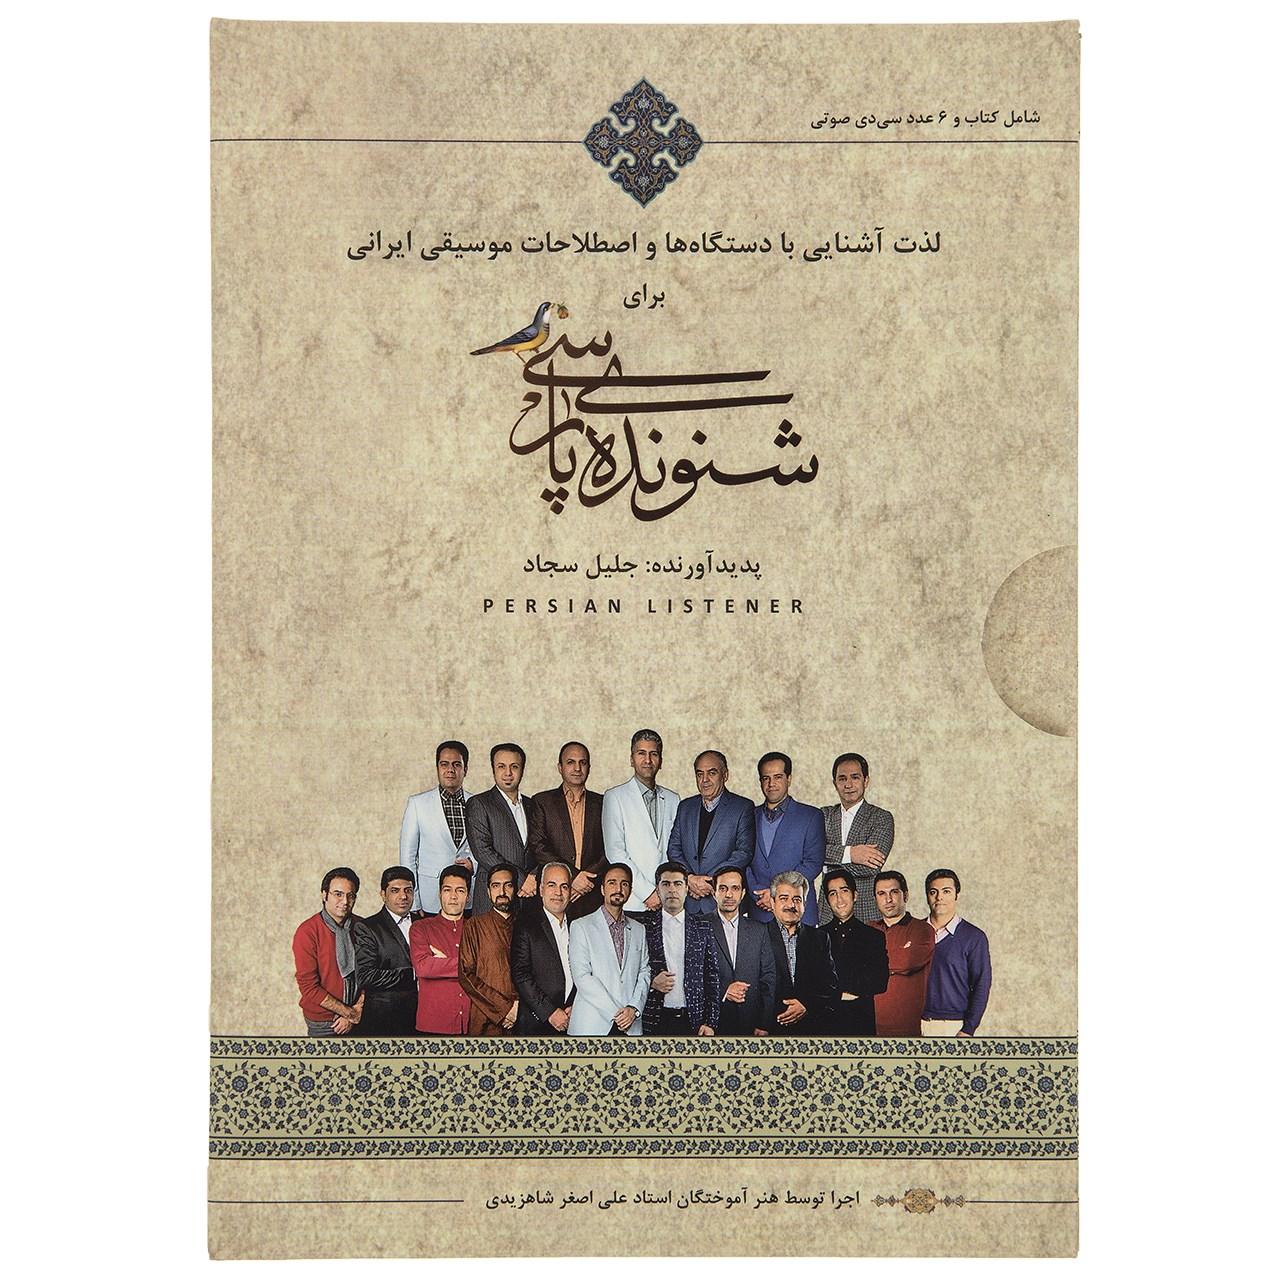 آلبوم موسیقی شنونده پارسی اثر جلیل سجاد